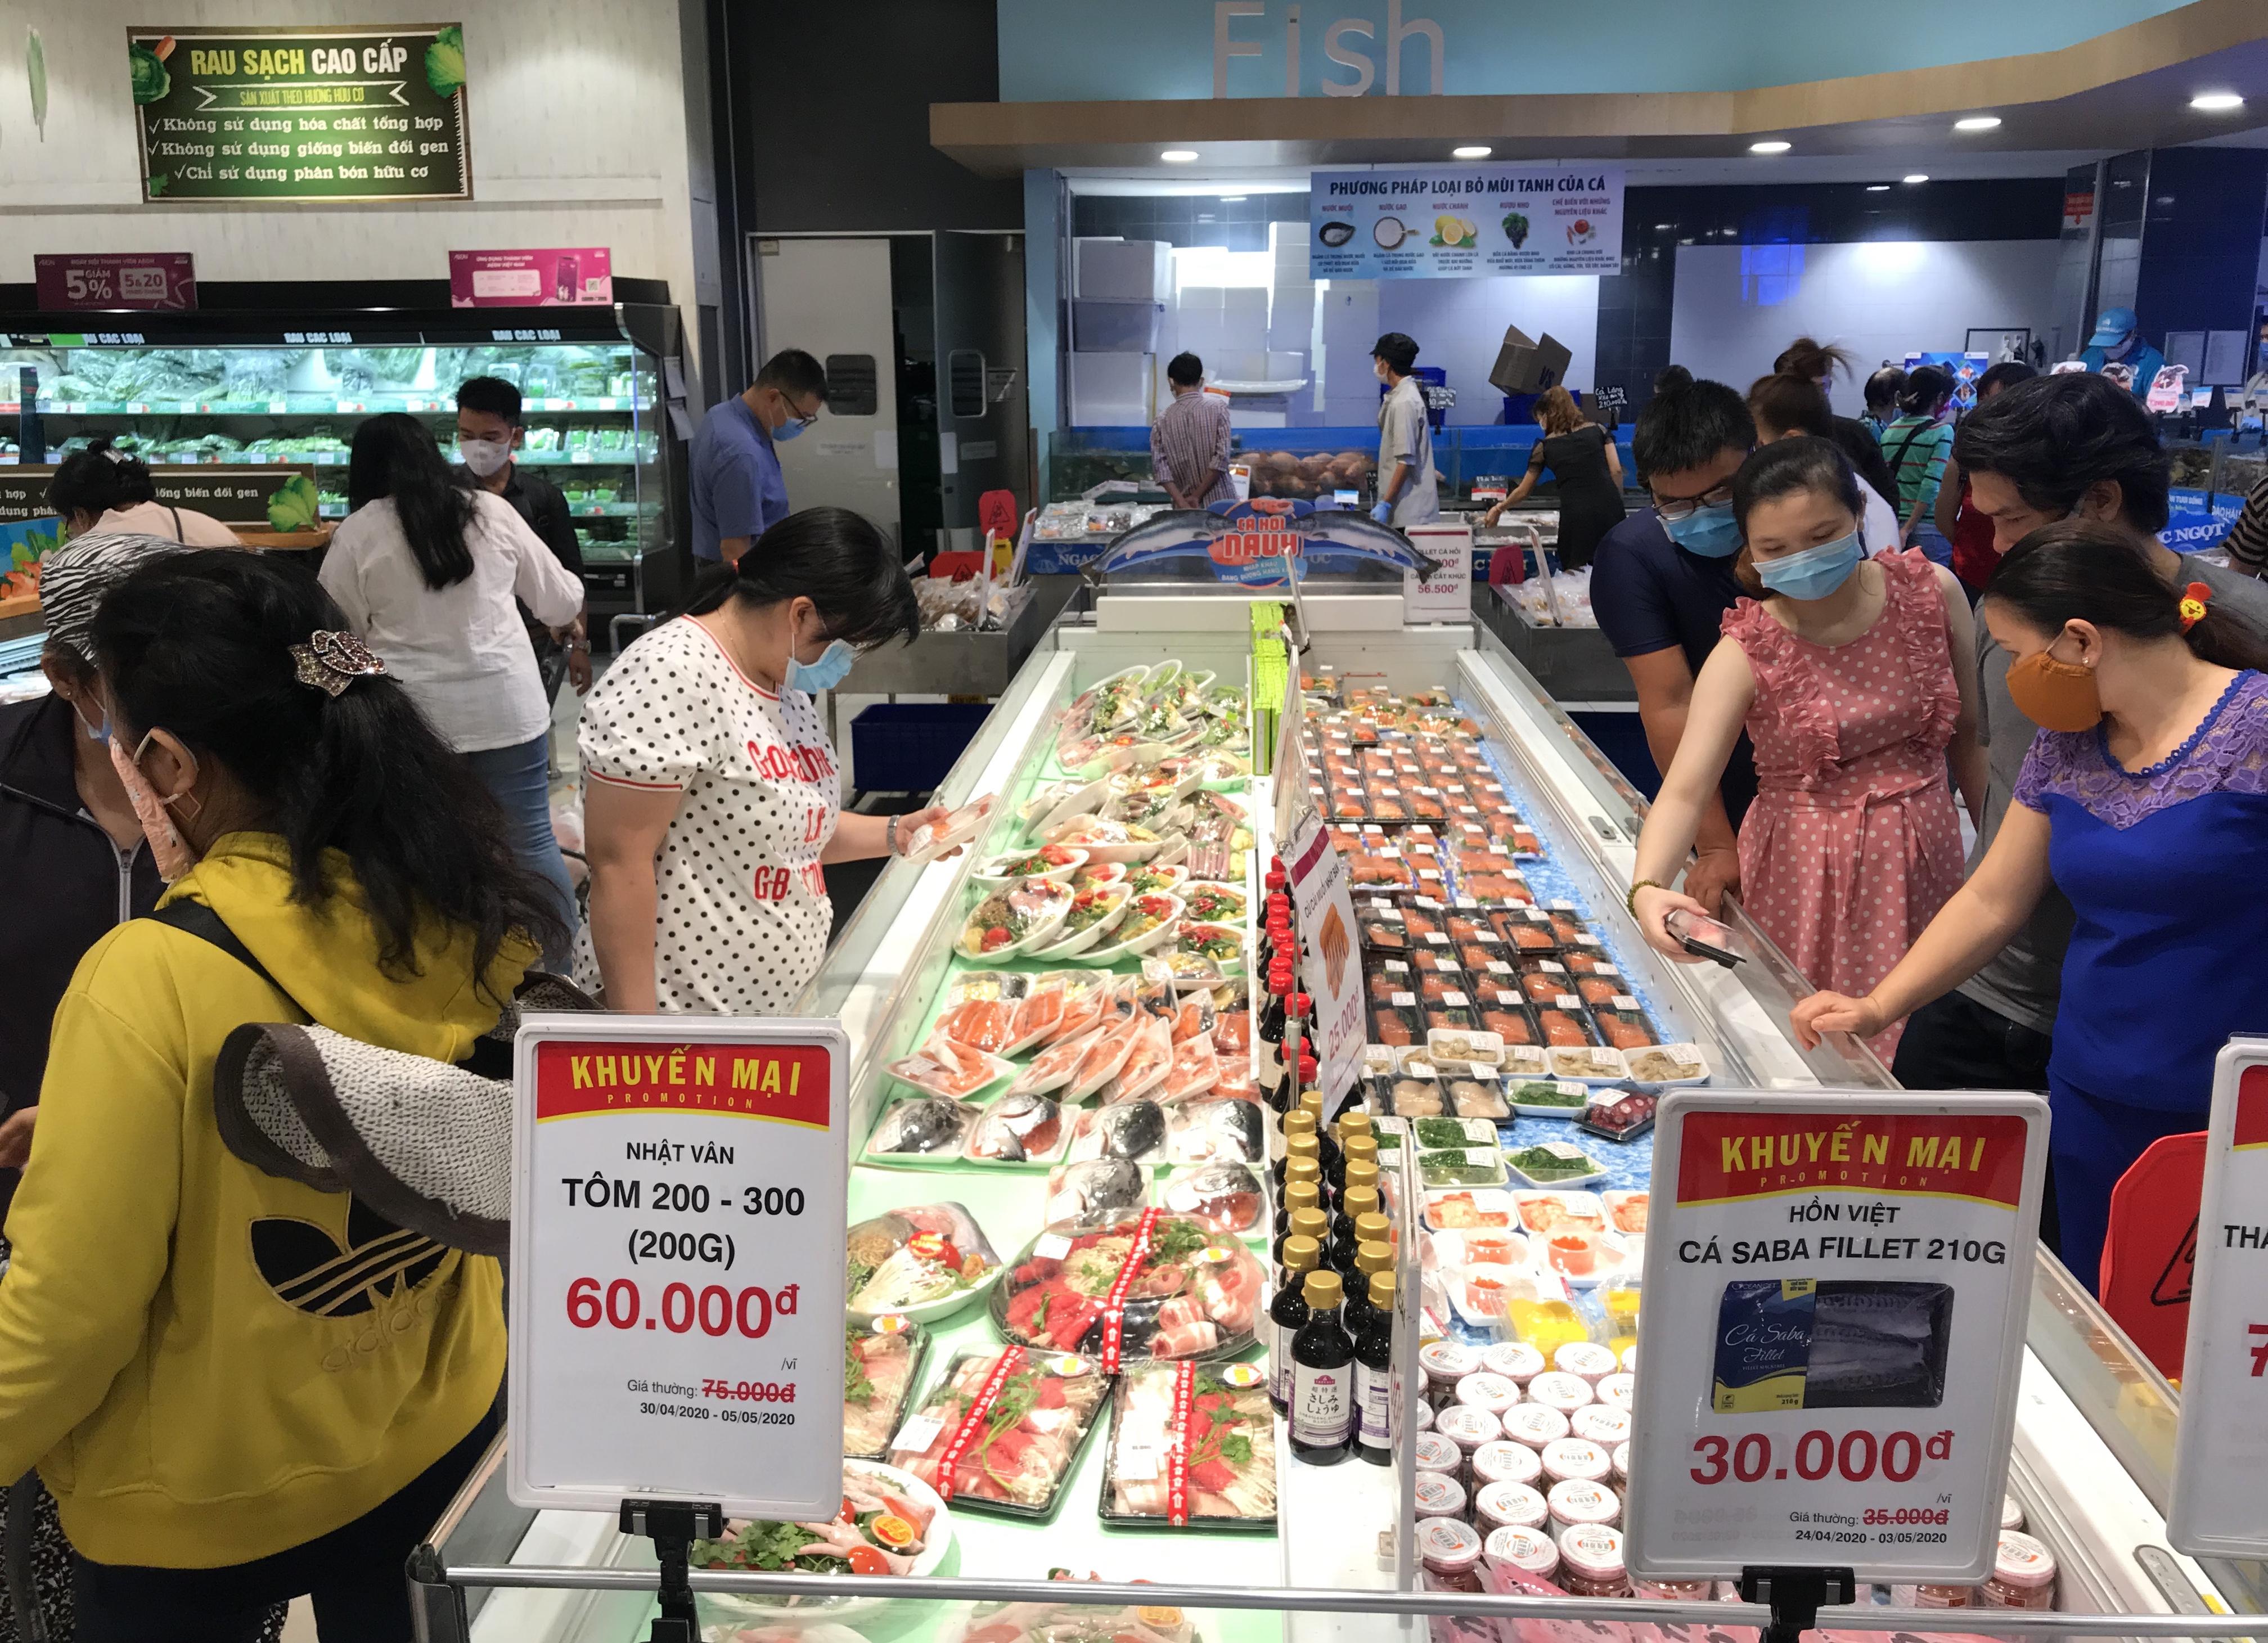 Siêu thị đông đúc cuối tuần, người Sài Gòn mua thịt heo, hải sản giảm giá đến 20.000-60.000 đồng/kg ăn lễ - Ảnh 4.